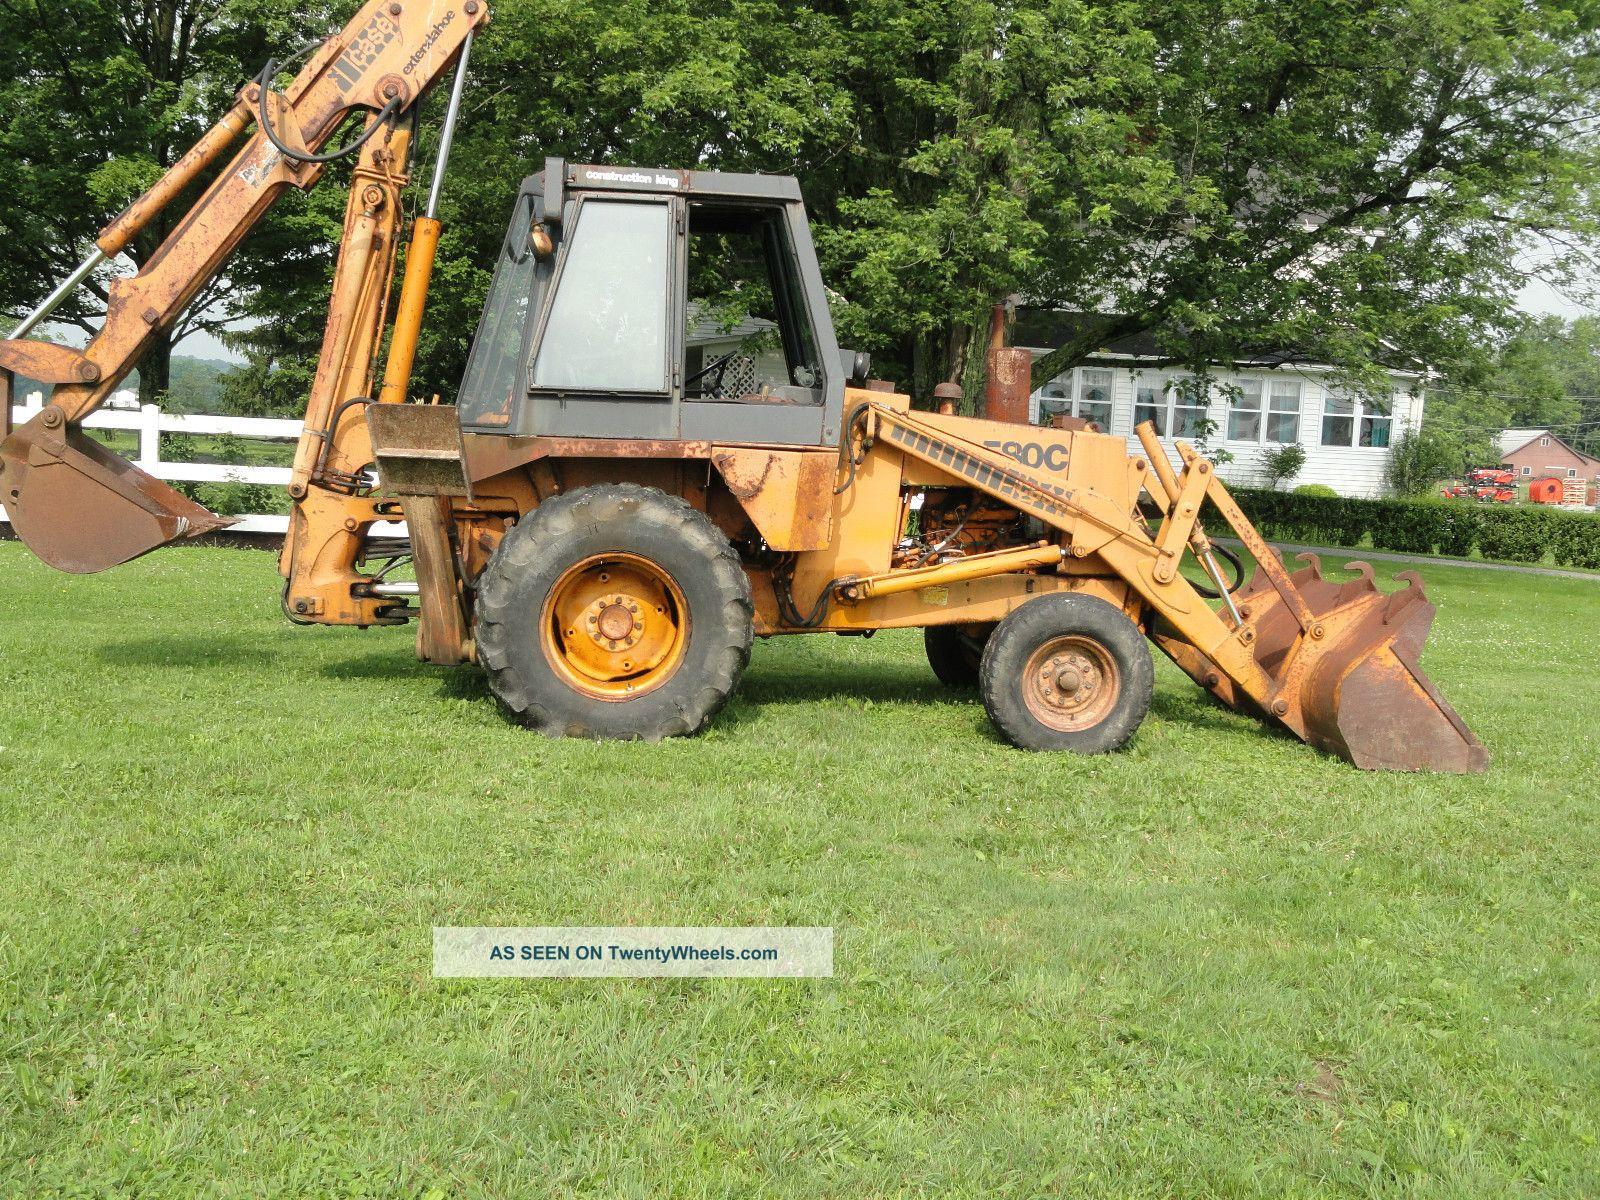 Case 580c Backhoe : J i case c tractor loader